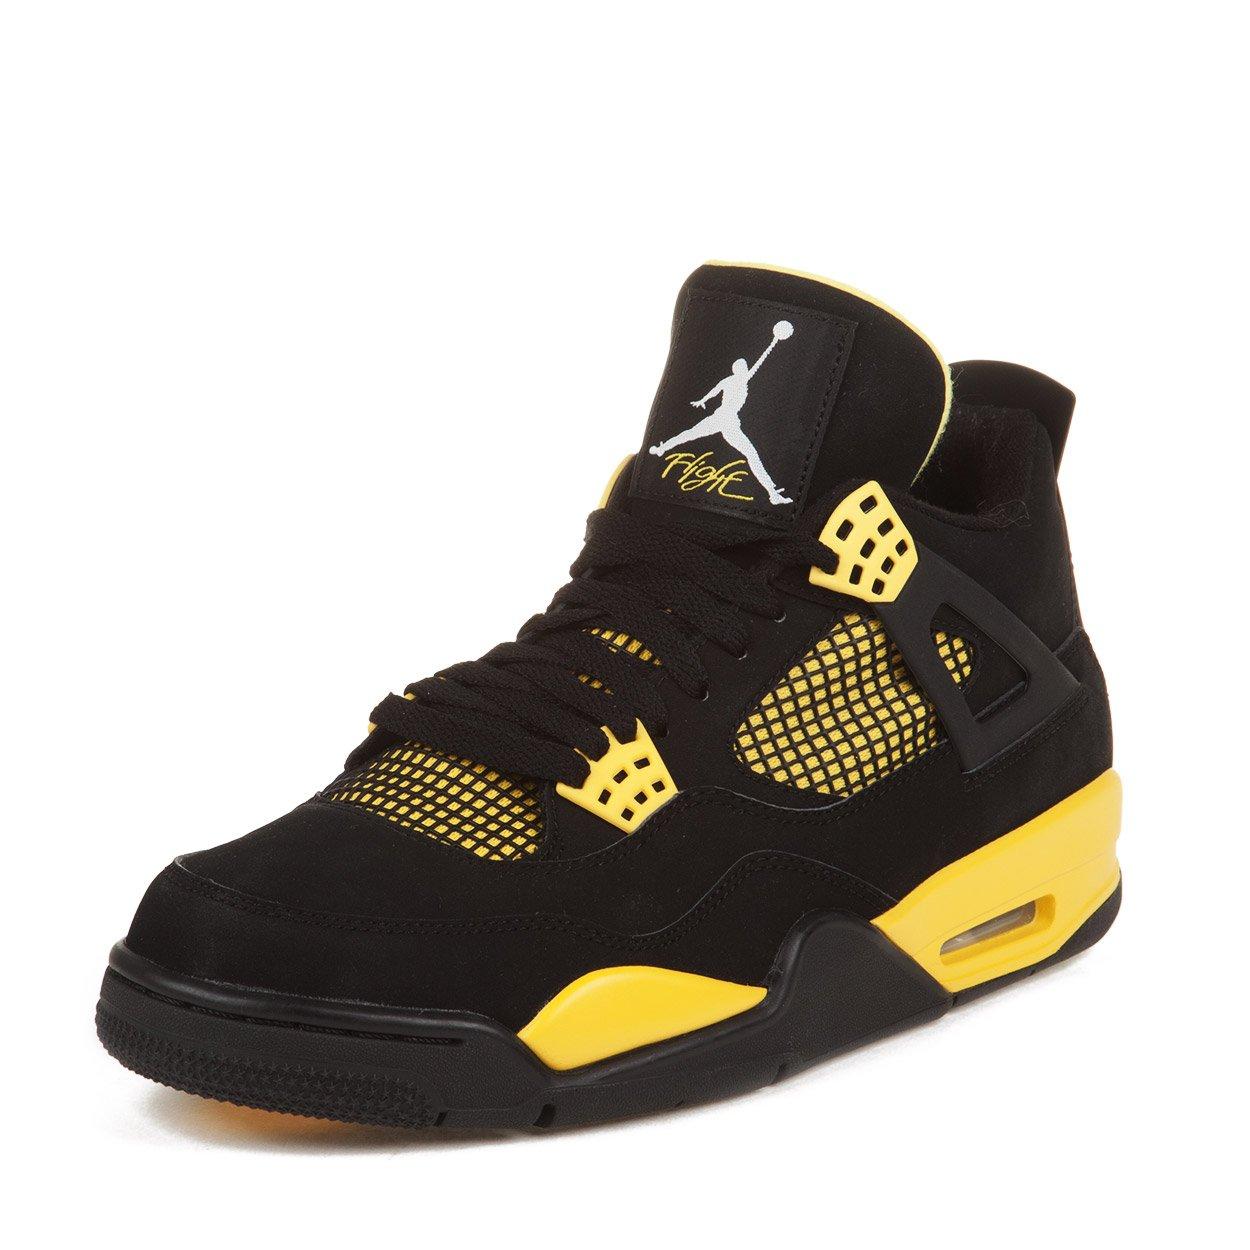 super popular 40cd8 696e8 Air Jordan 4 Retro (Thunder) Black/White-Tour Yellow (13)